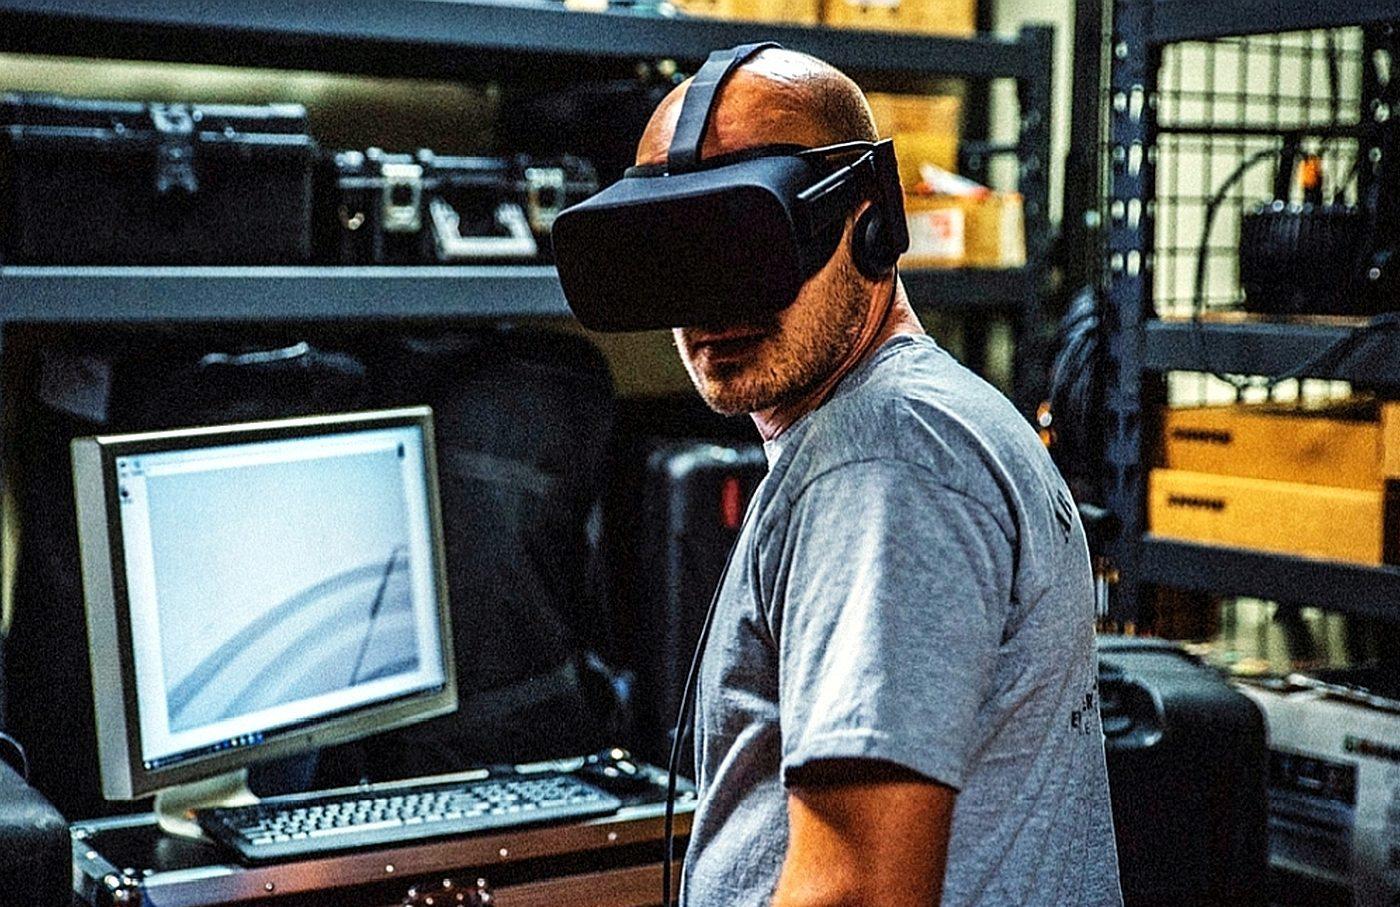 Arbeit wird digital in allen Branchen